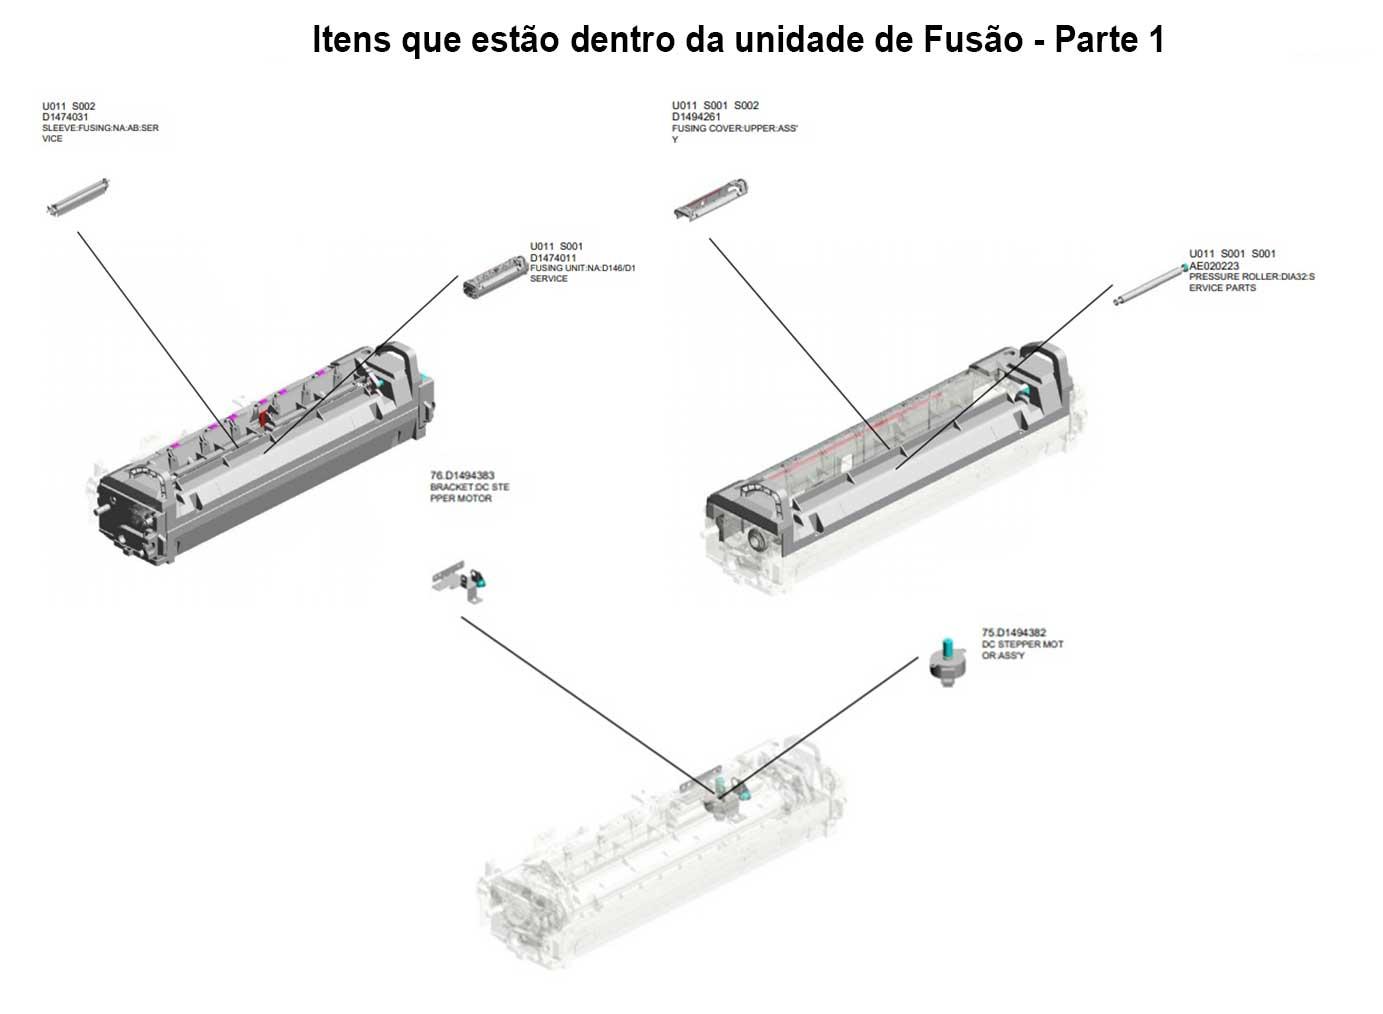 Fusão Completa Ricoh MPC 3003|Ricoh MPC 3503 - D1464061|D1464019|D1464016|D1464013|D1464009|D1474011 - Original